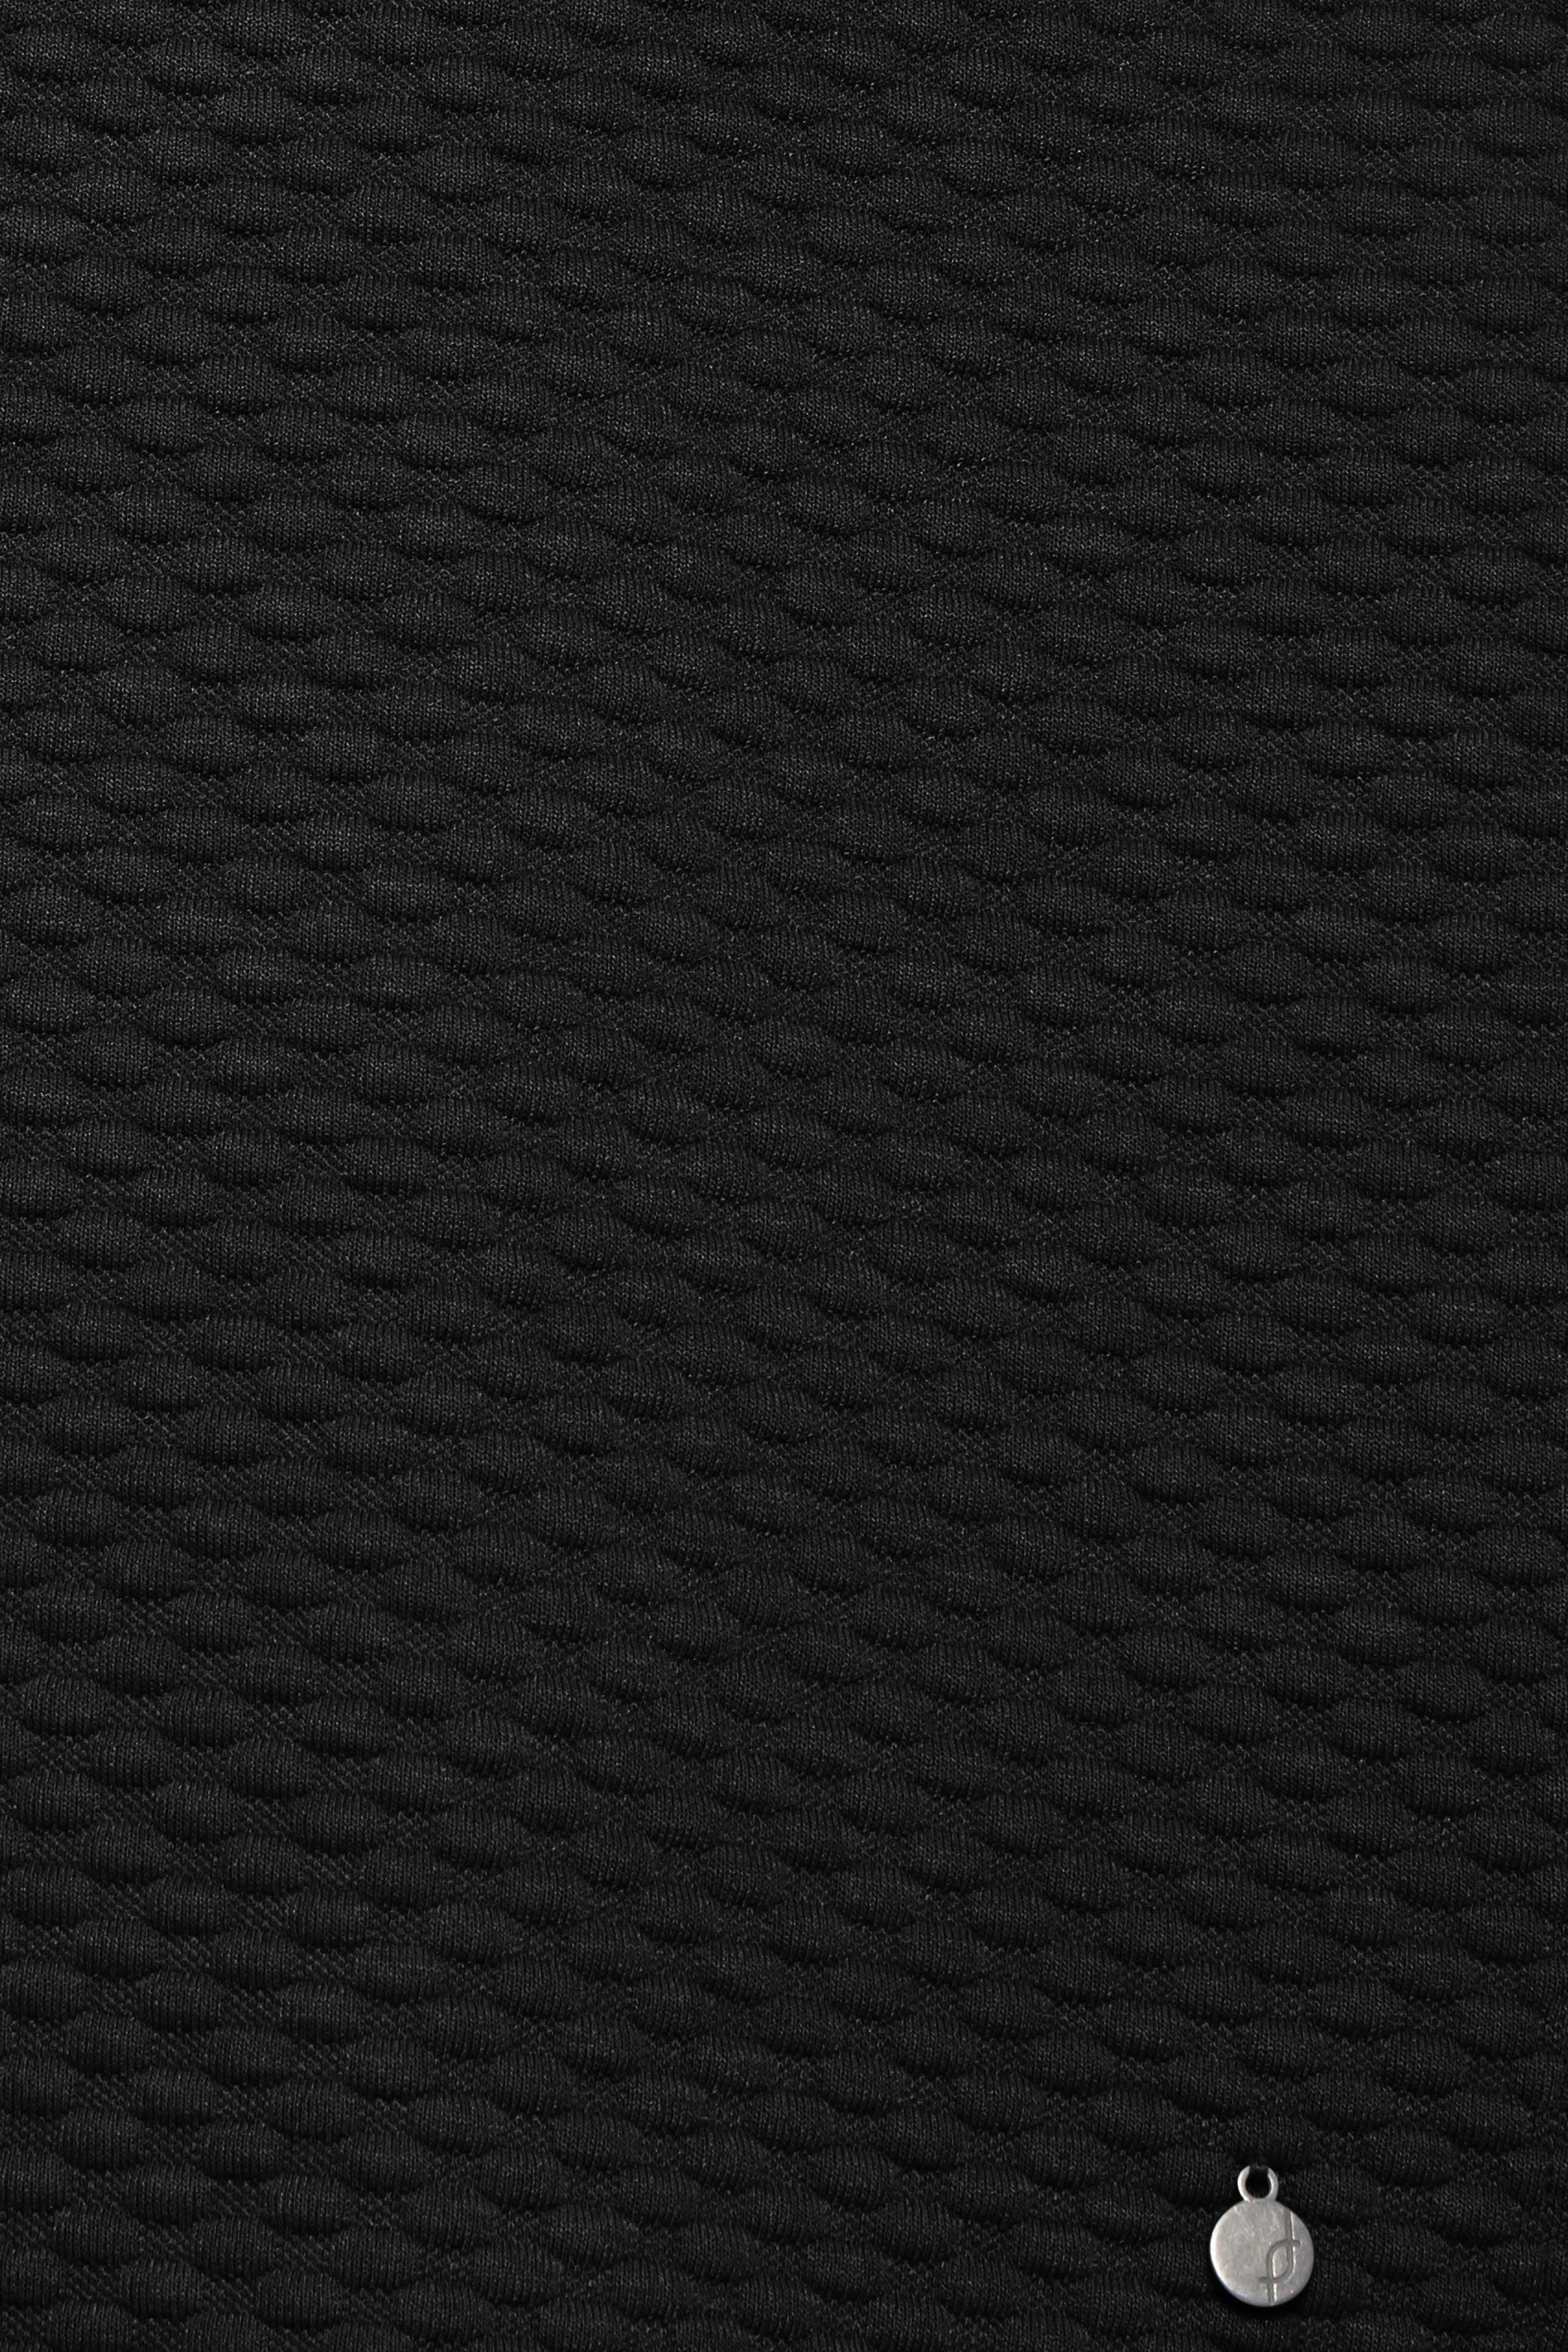 Svart Långärmad blus från Fransa – Köp Svart Långärmad blus från stl. XS-XXL här